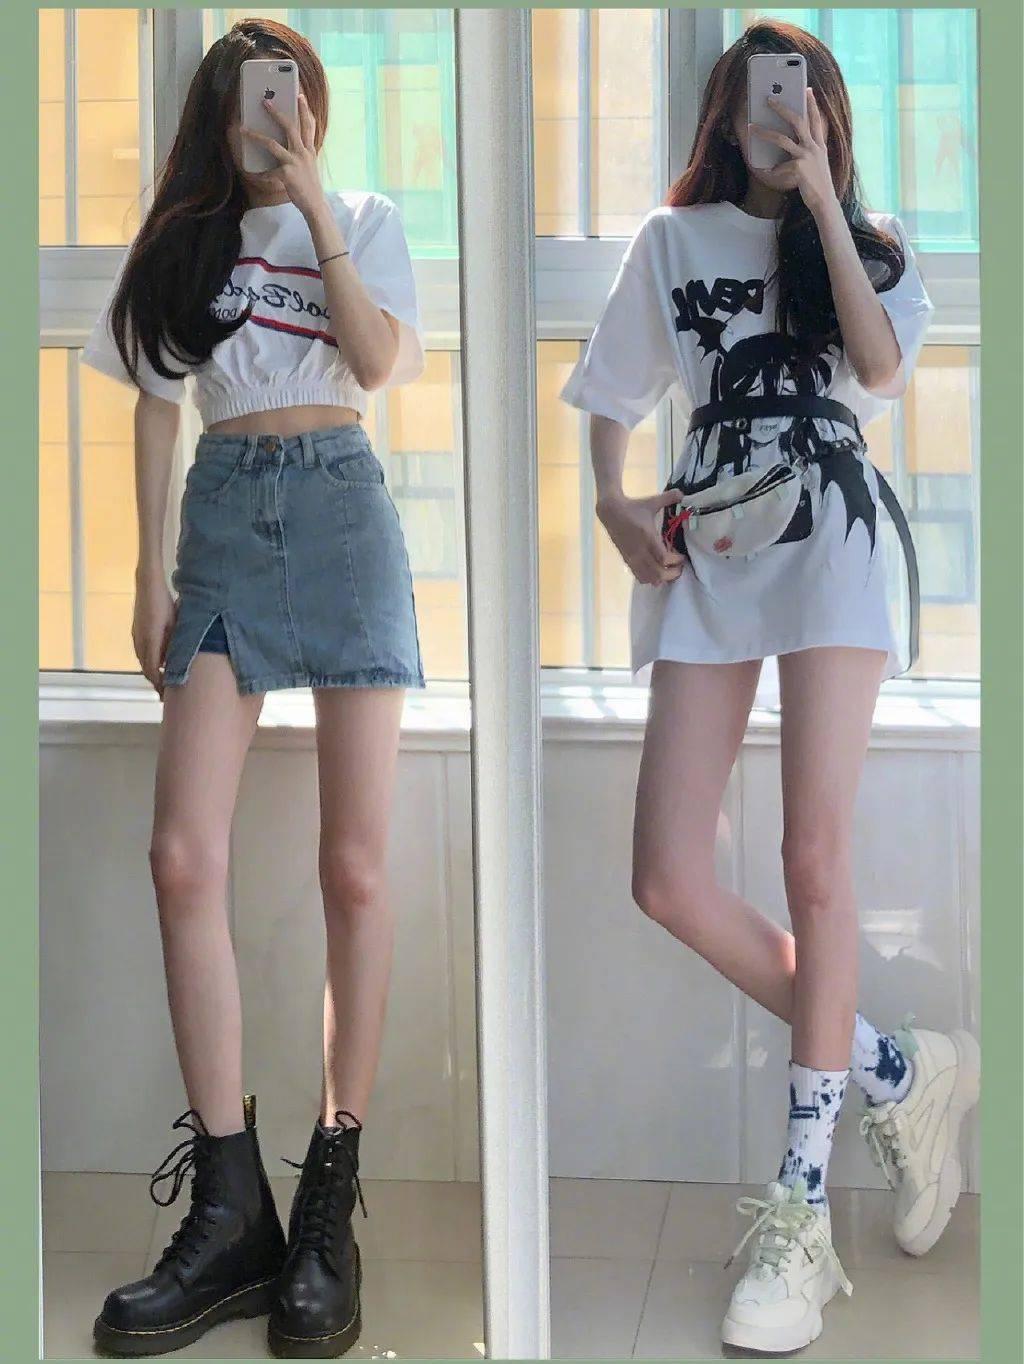 有大长腿就该秀出来!夏日高个子女生的一样平常搭配推荐,悦目又时髦